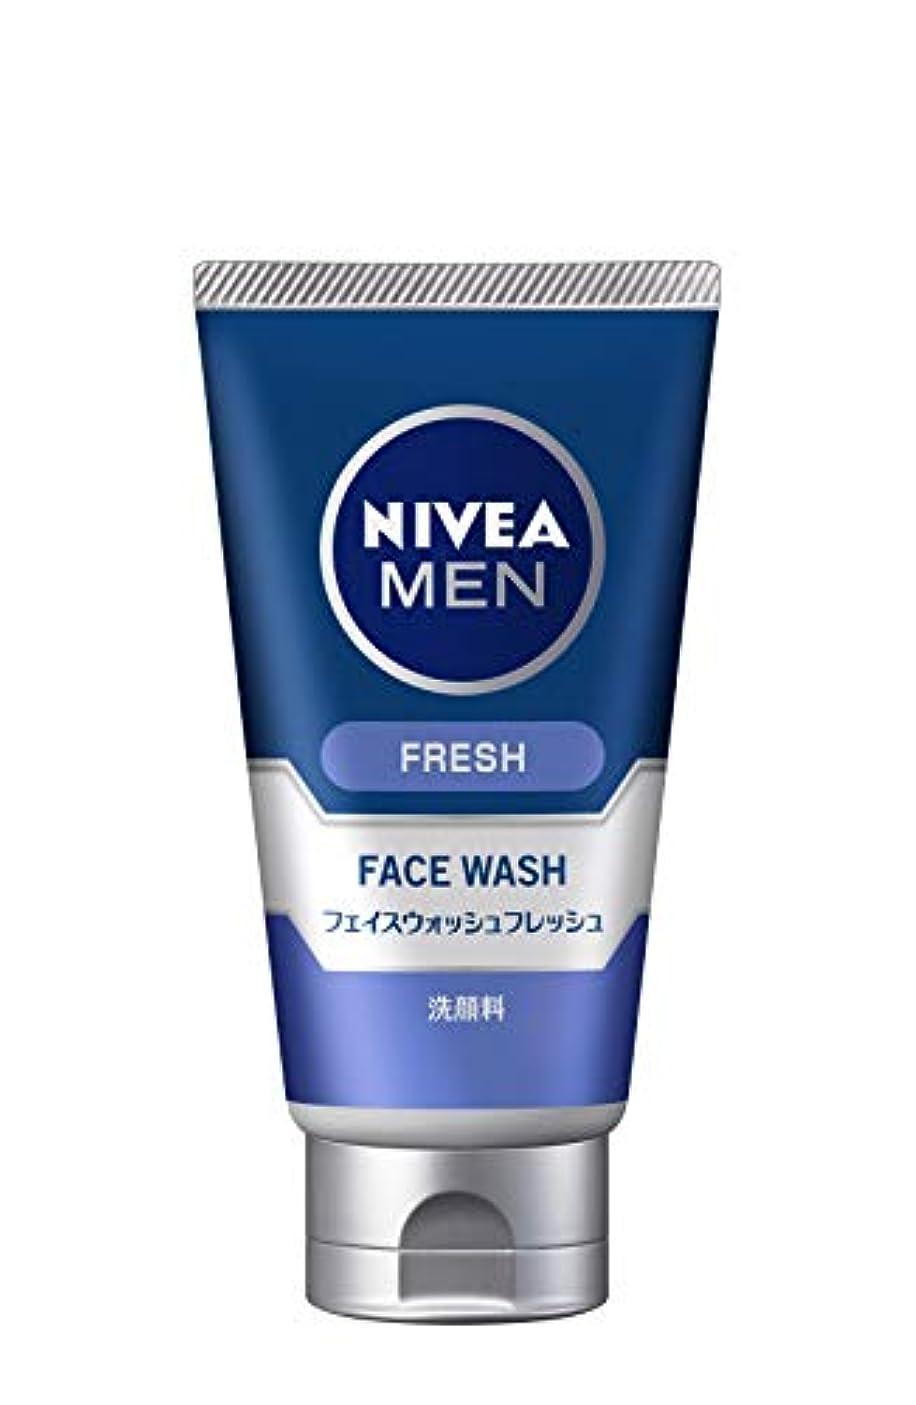 例コンテスト読み書きのできないニベアメン フェイスウォッシュフレッシュ 100g 男性用 洗顔料